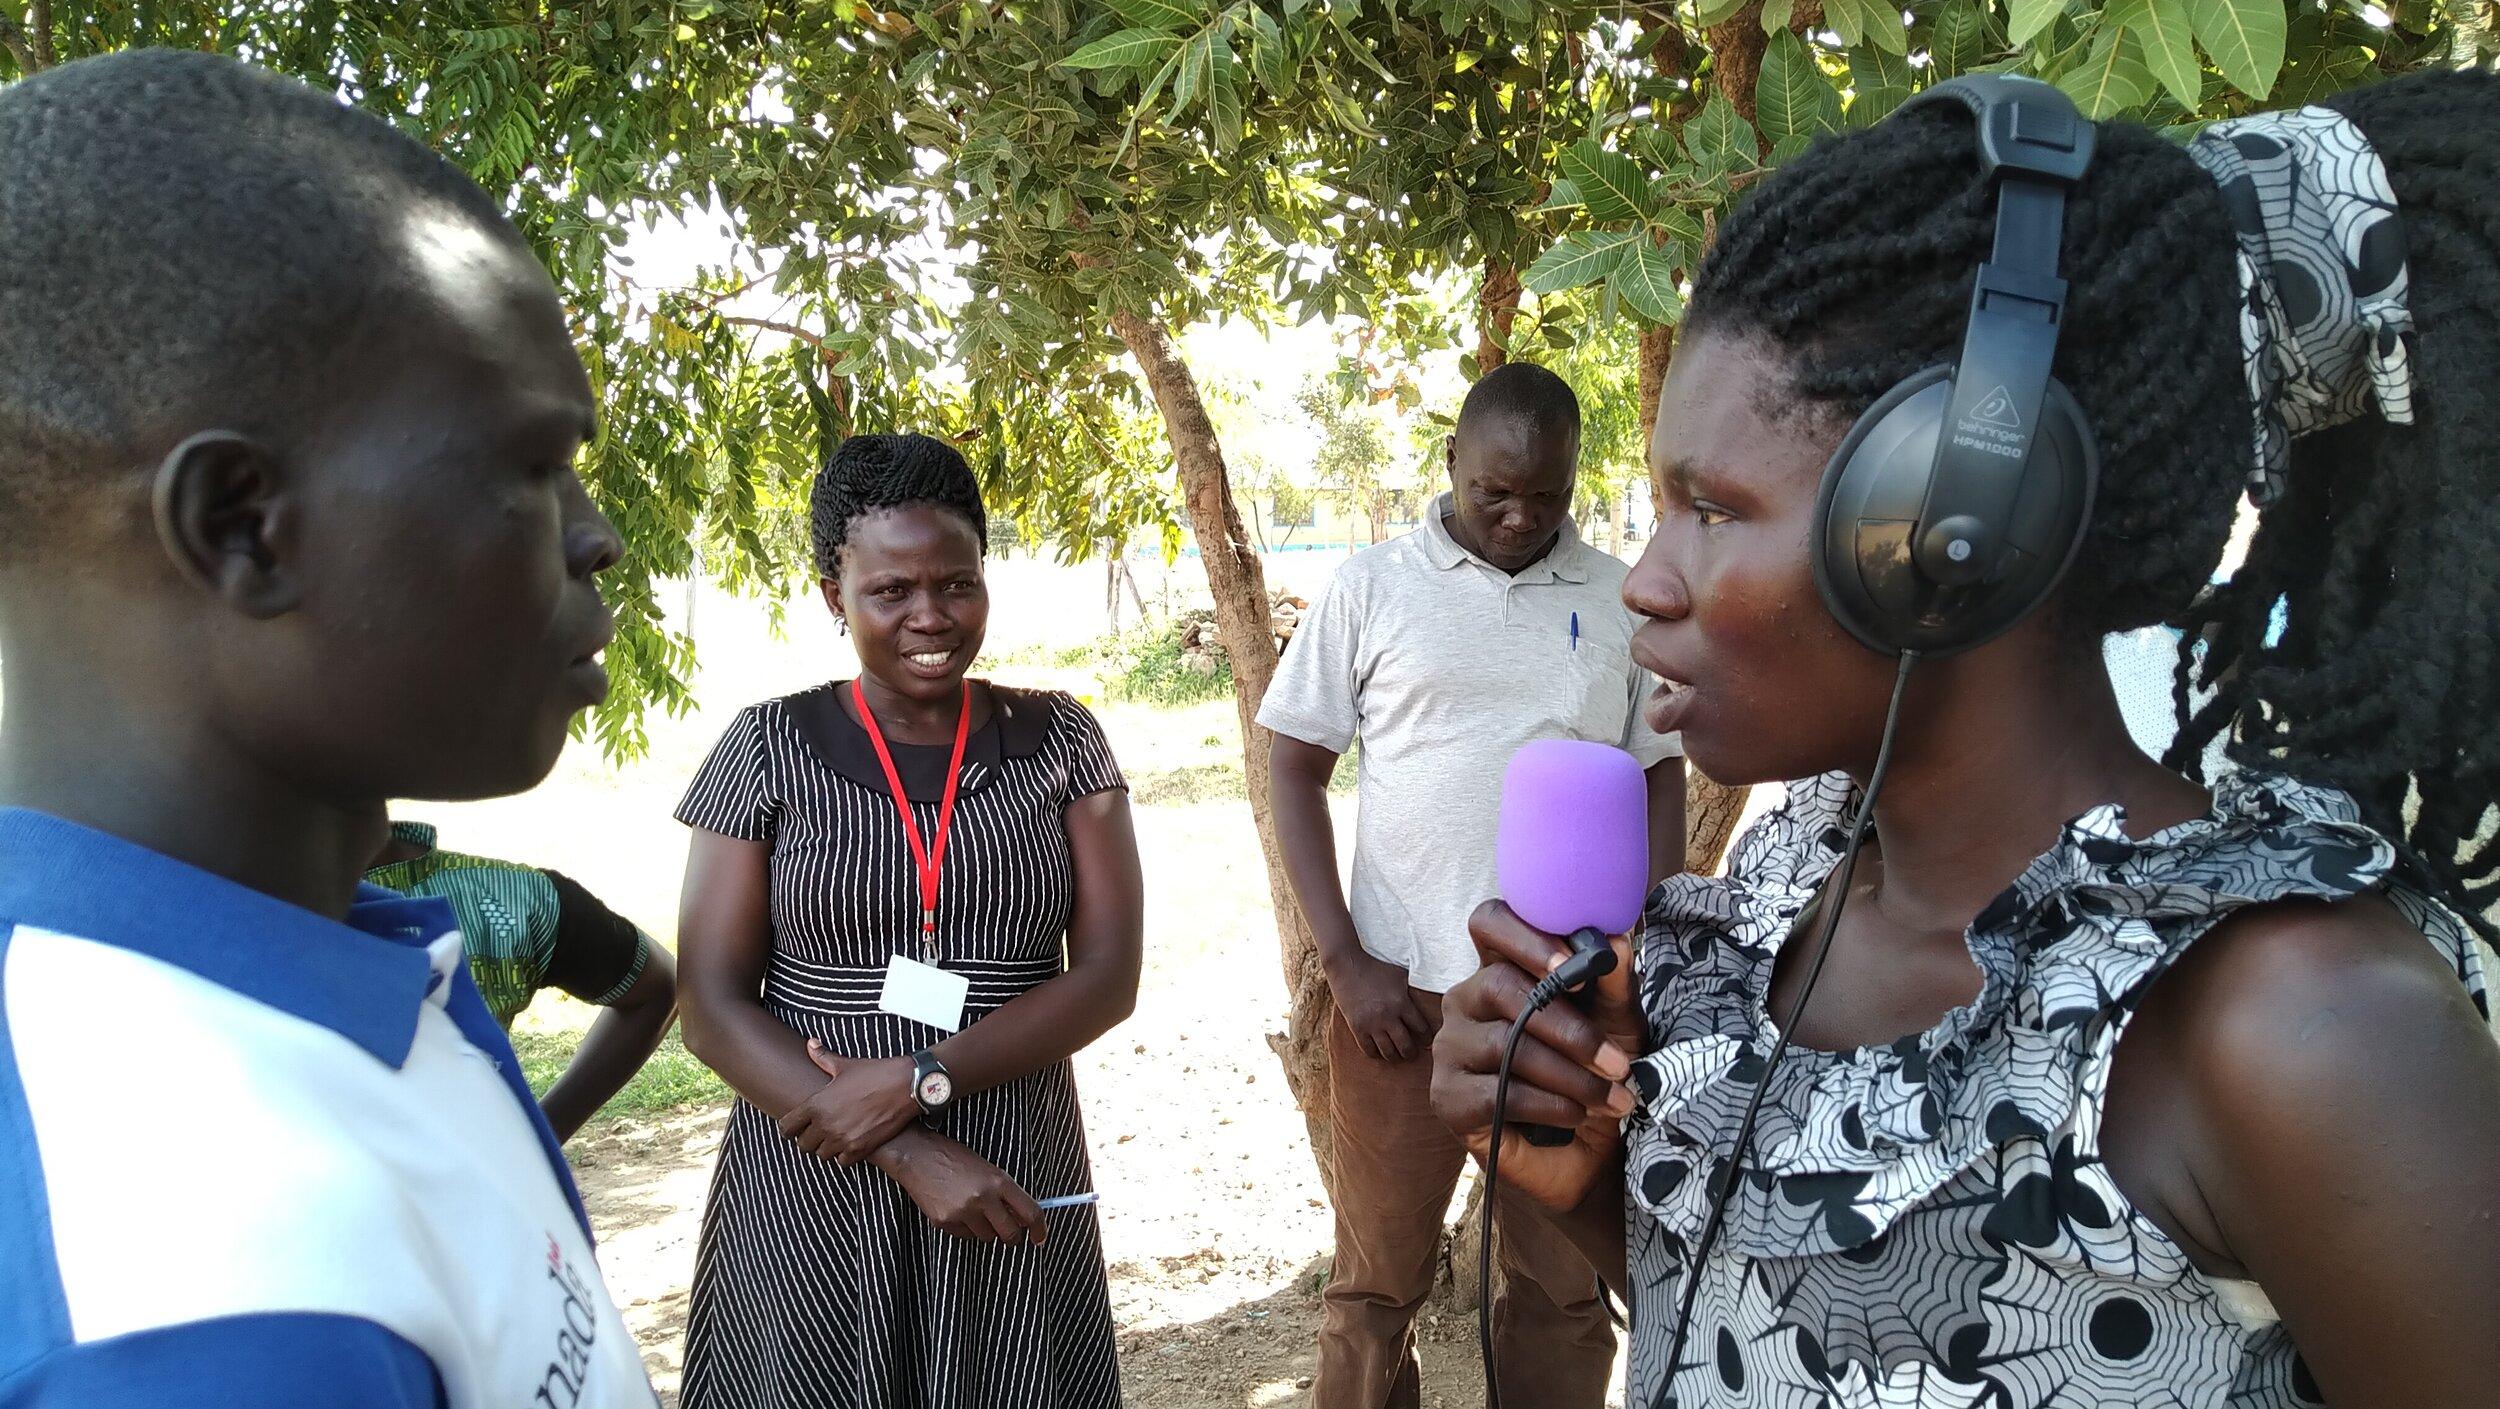 Listening to community voices in Omugo zone, Uganda. HCR, 2019